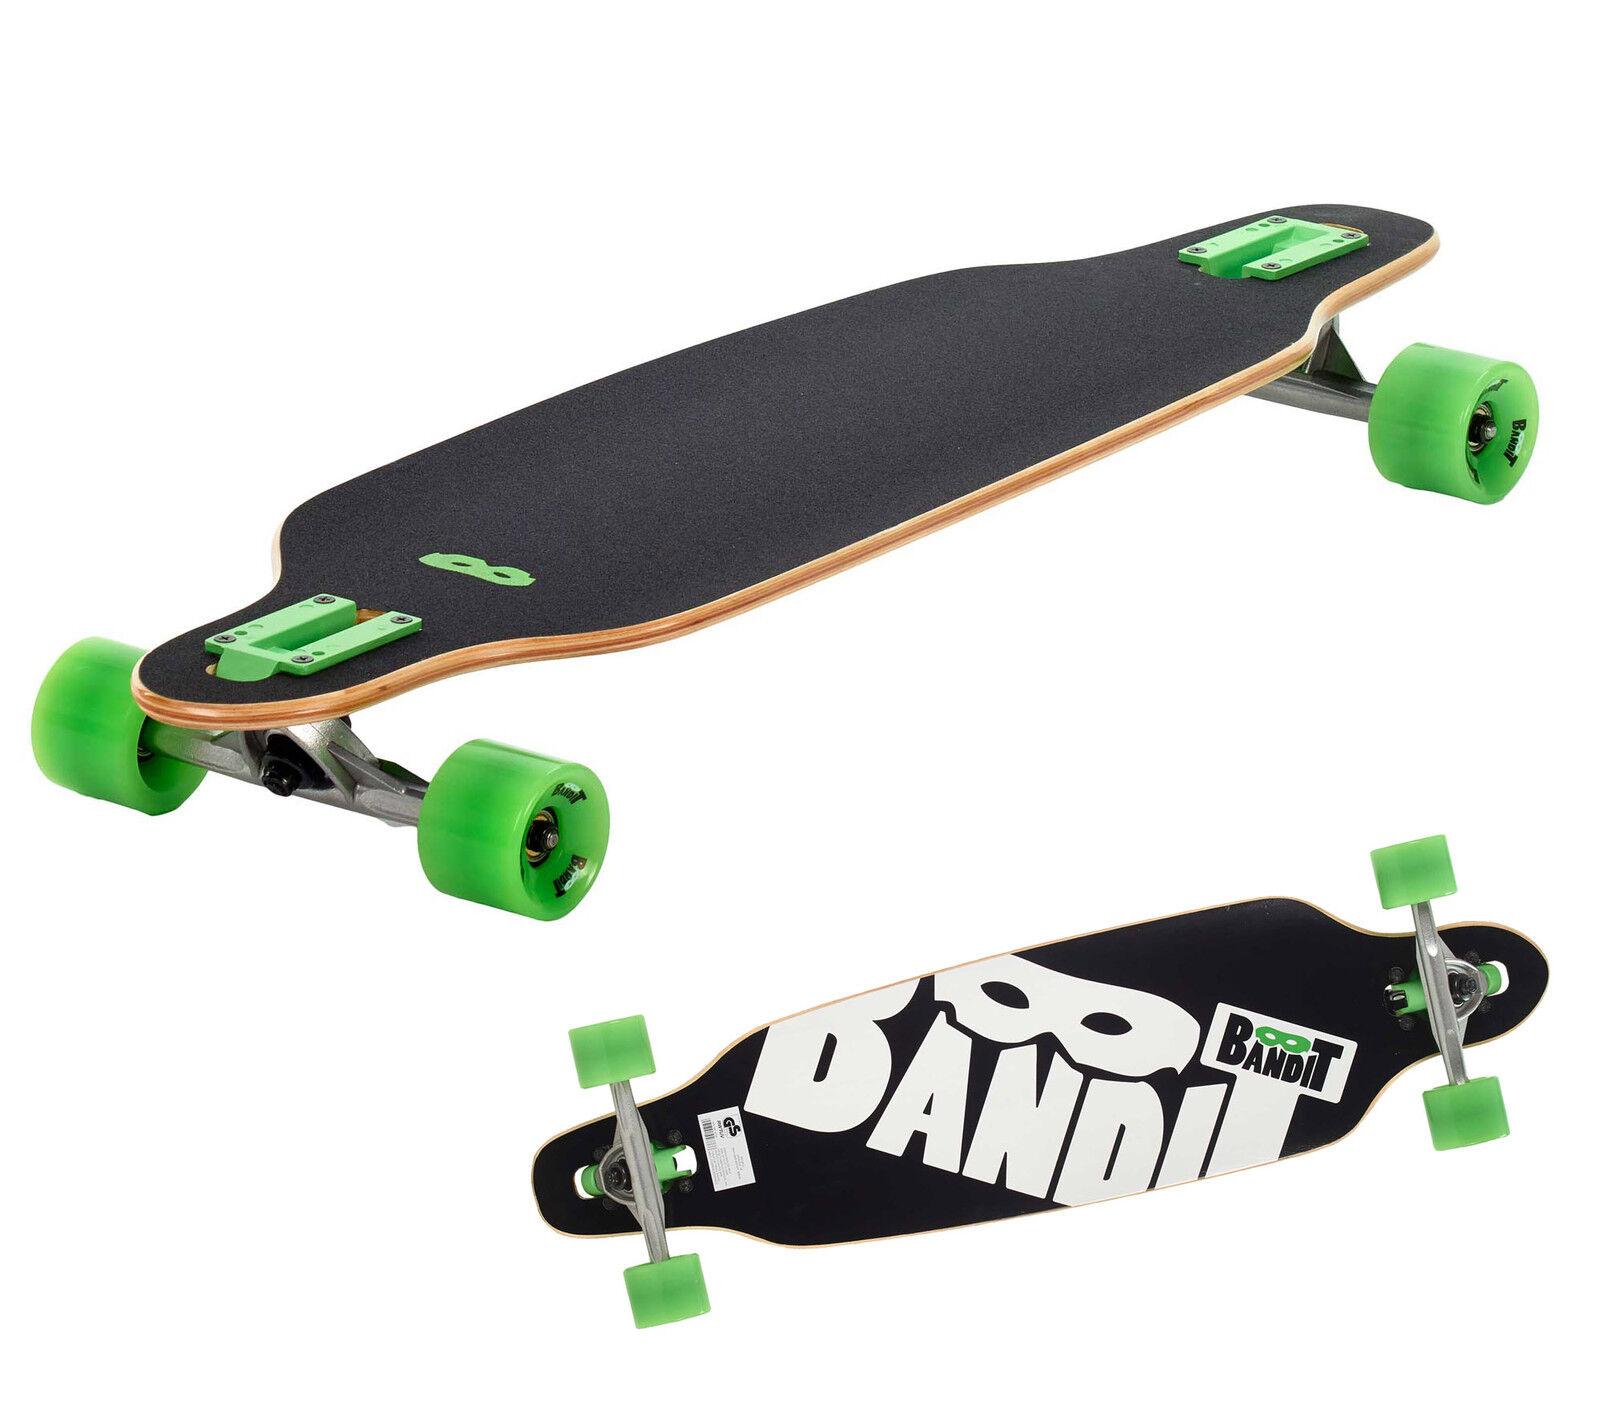 Bandit Longboard 2k16 34inch 2k16 Longboard Komplettboard 89e06c